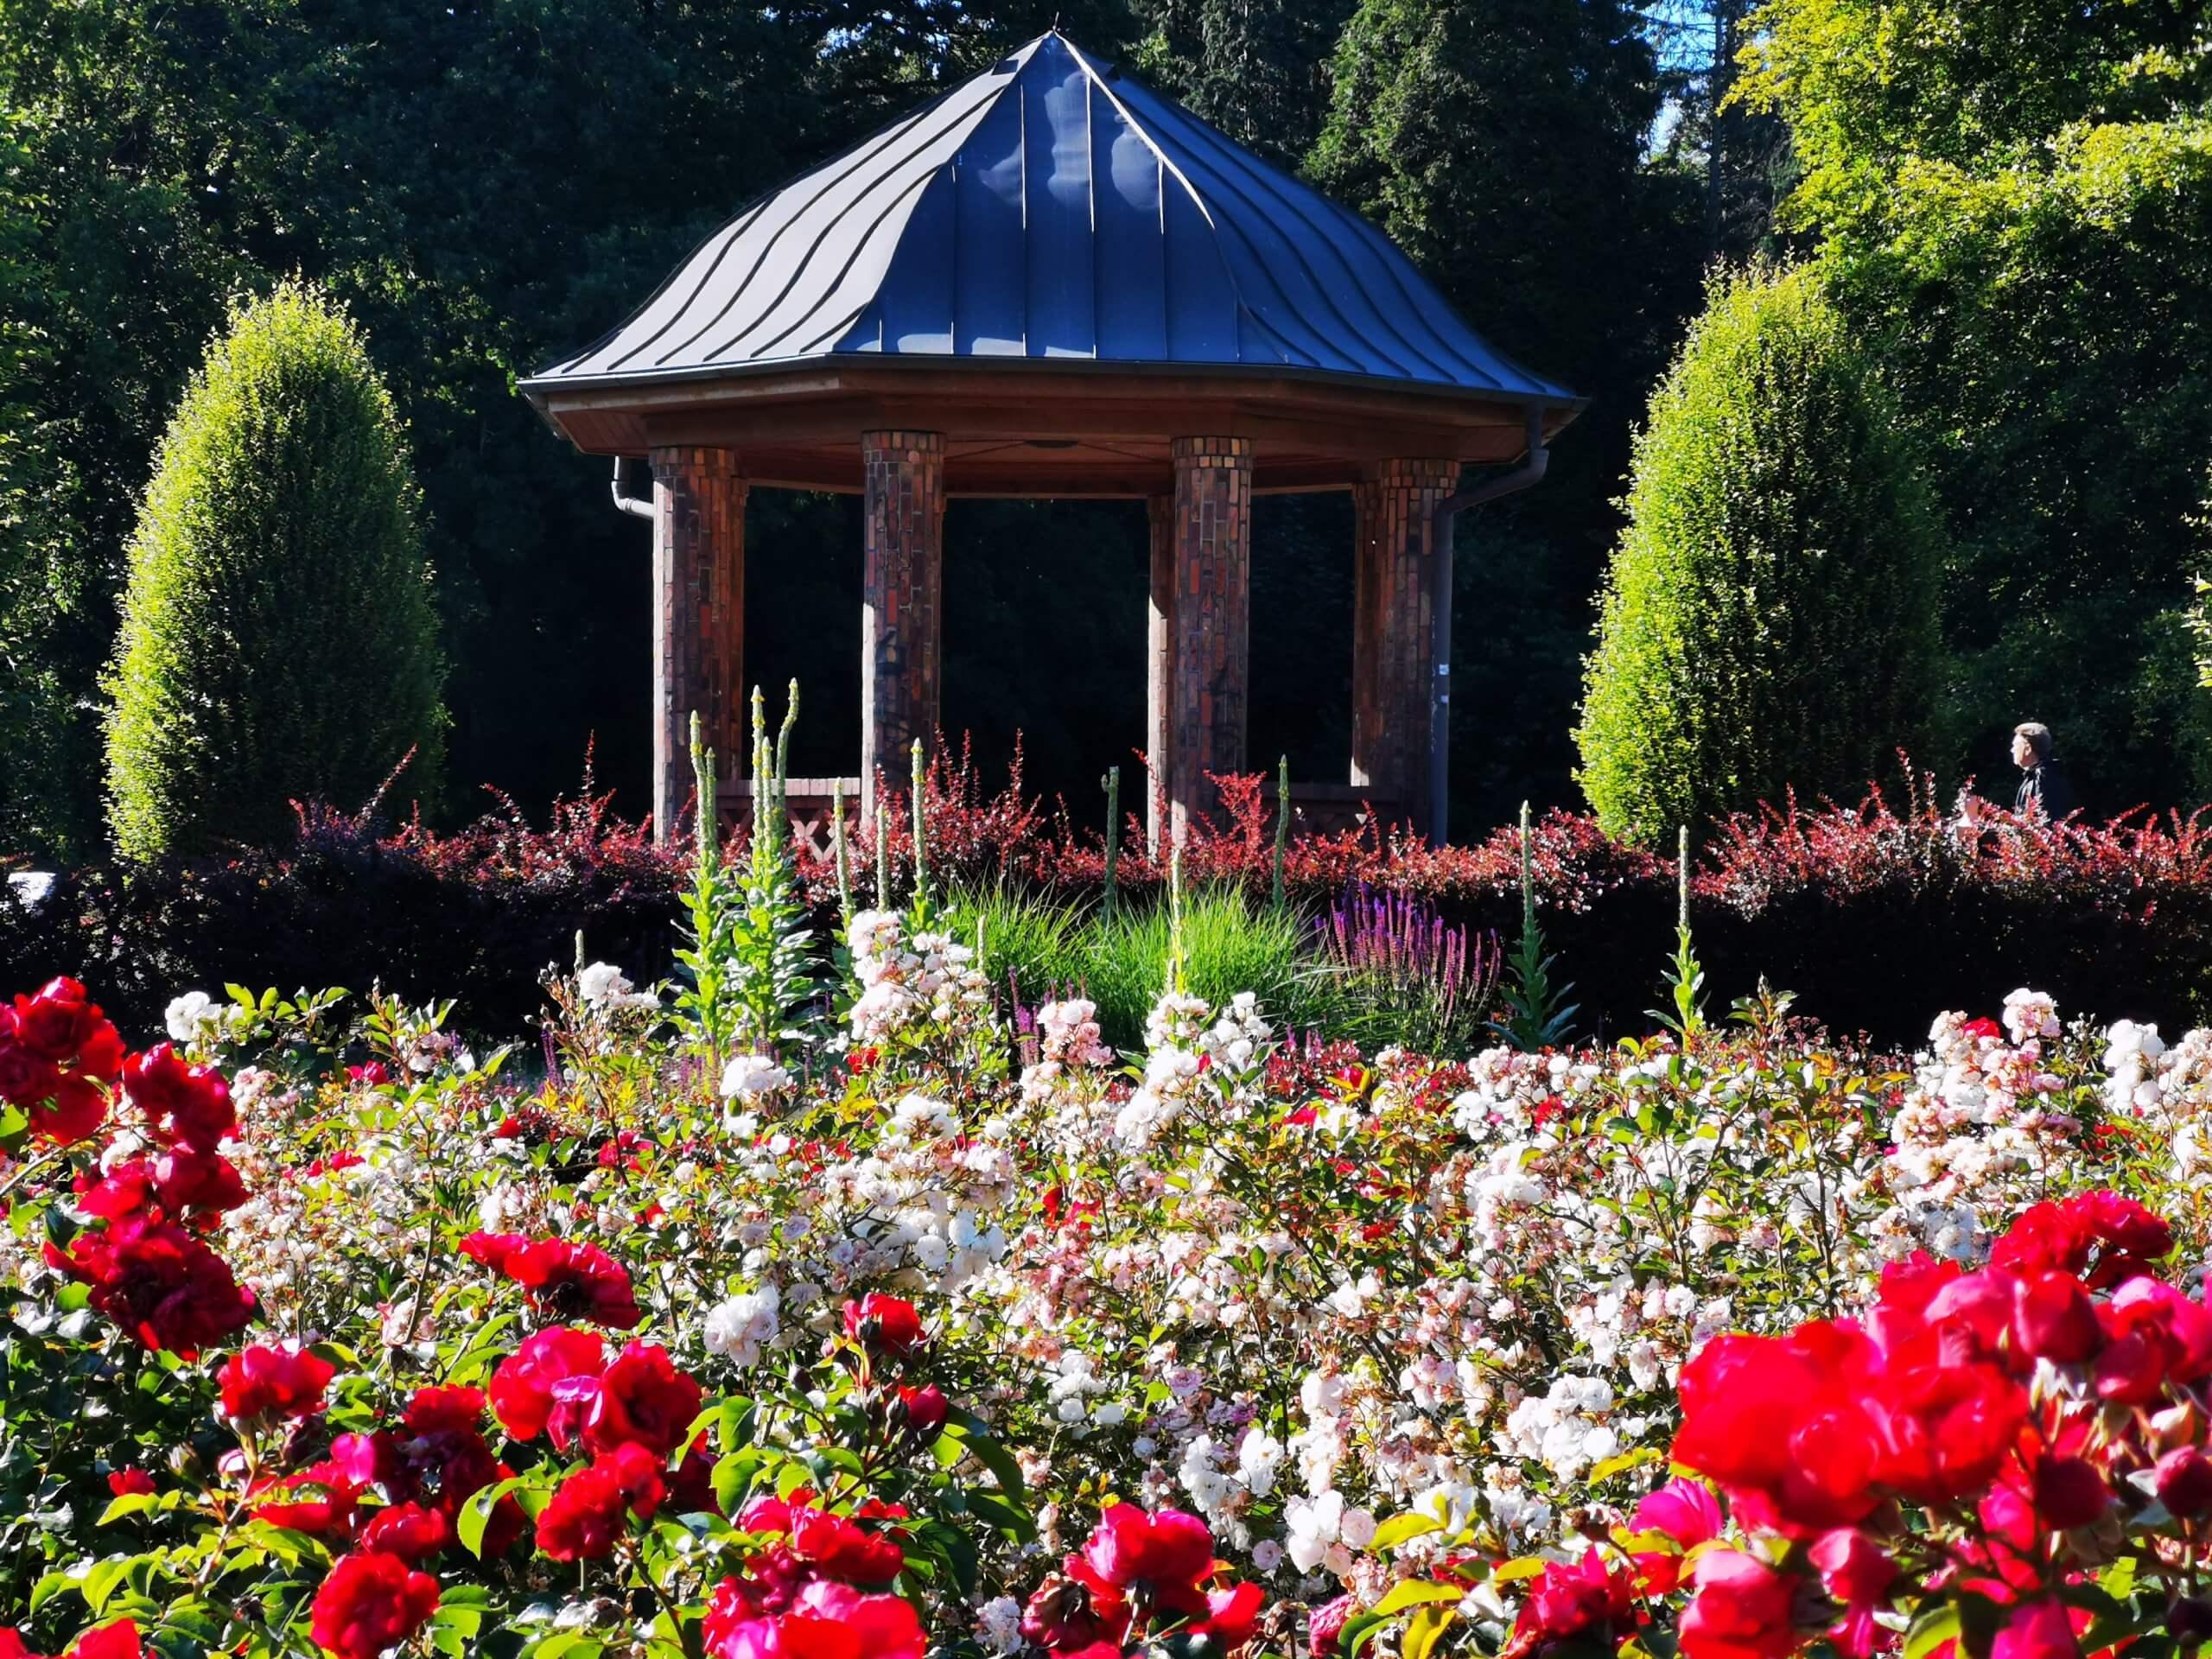 Ein schöner Pavillon in einem Park.